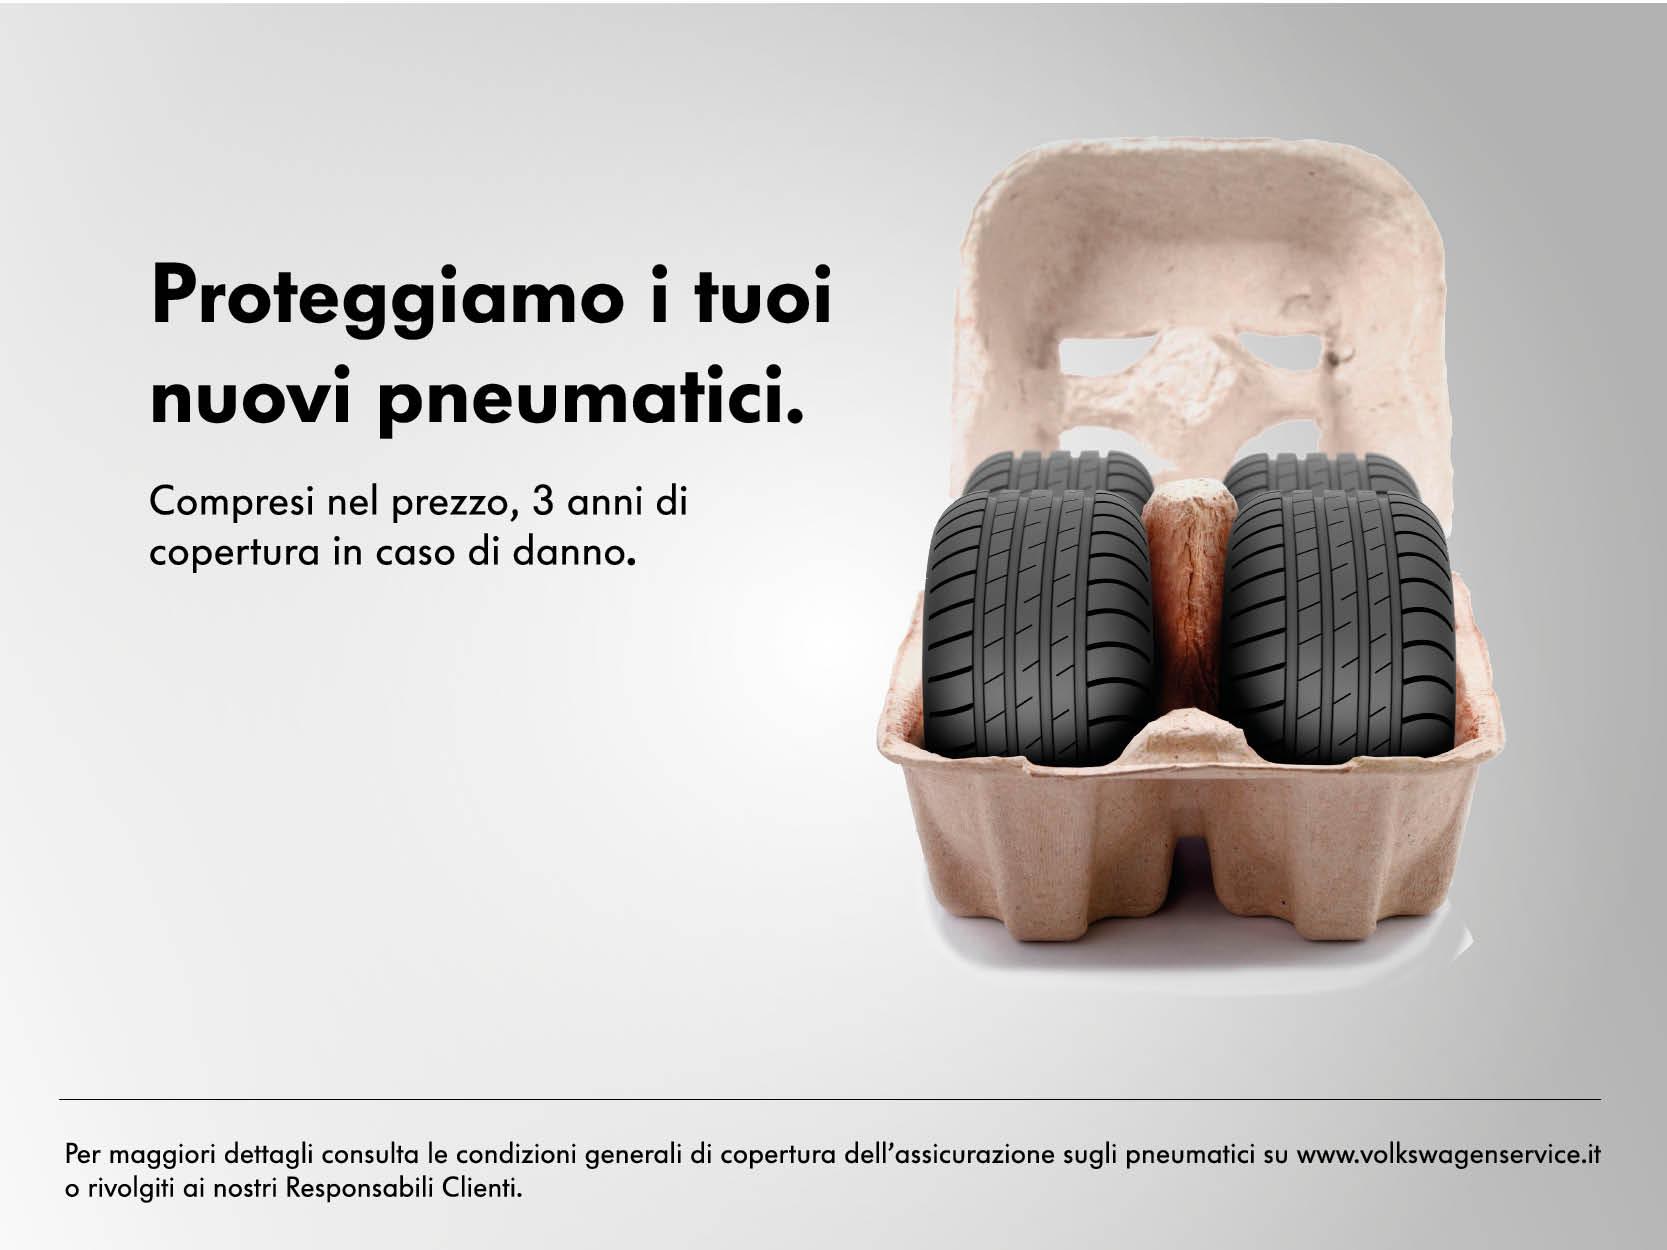 Protezione pneumatici